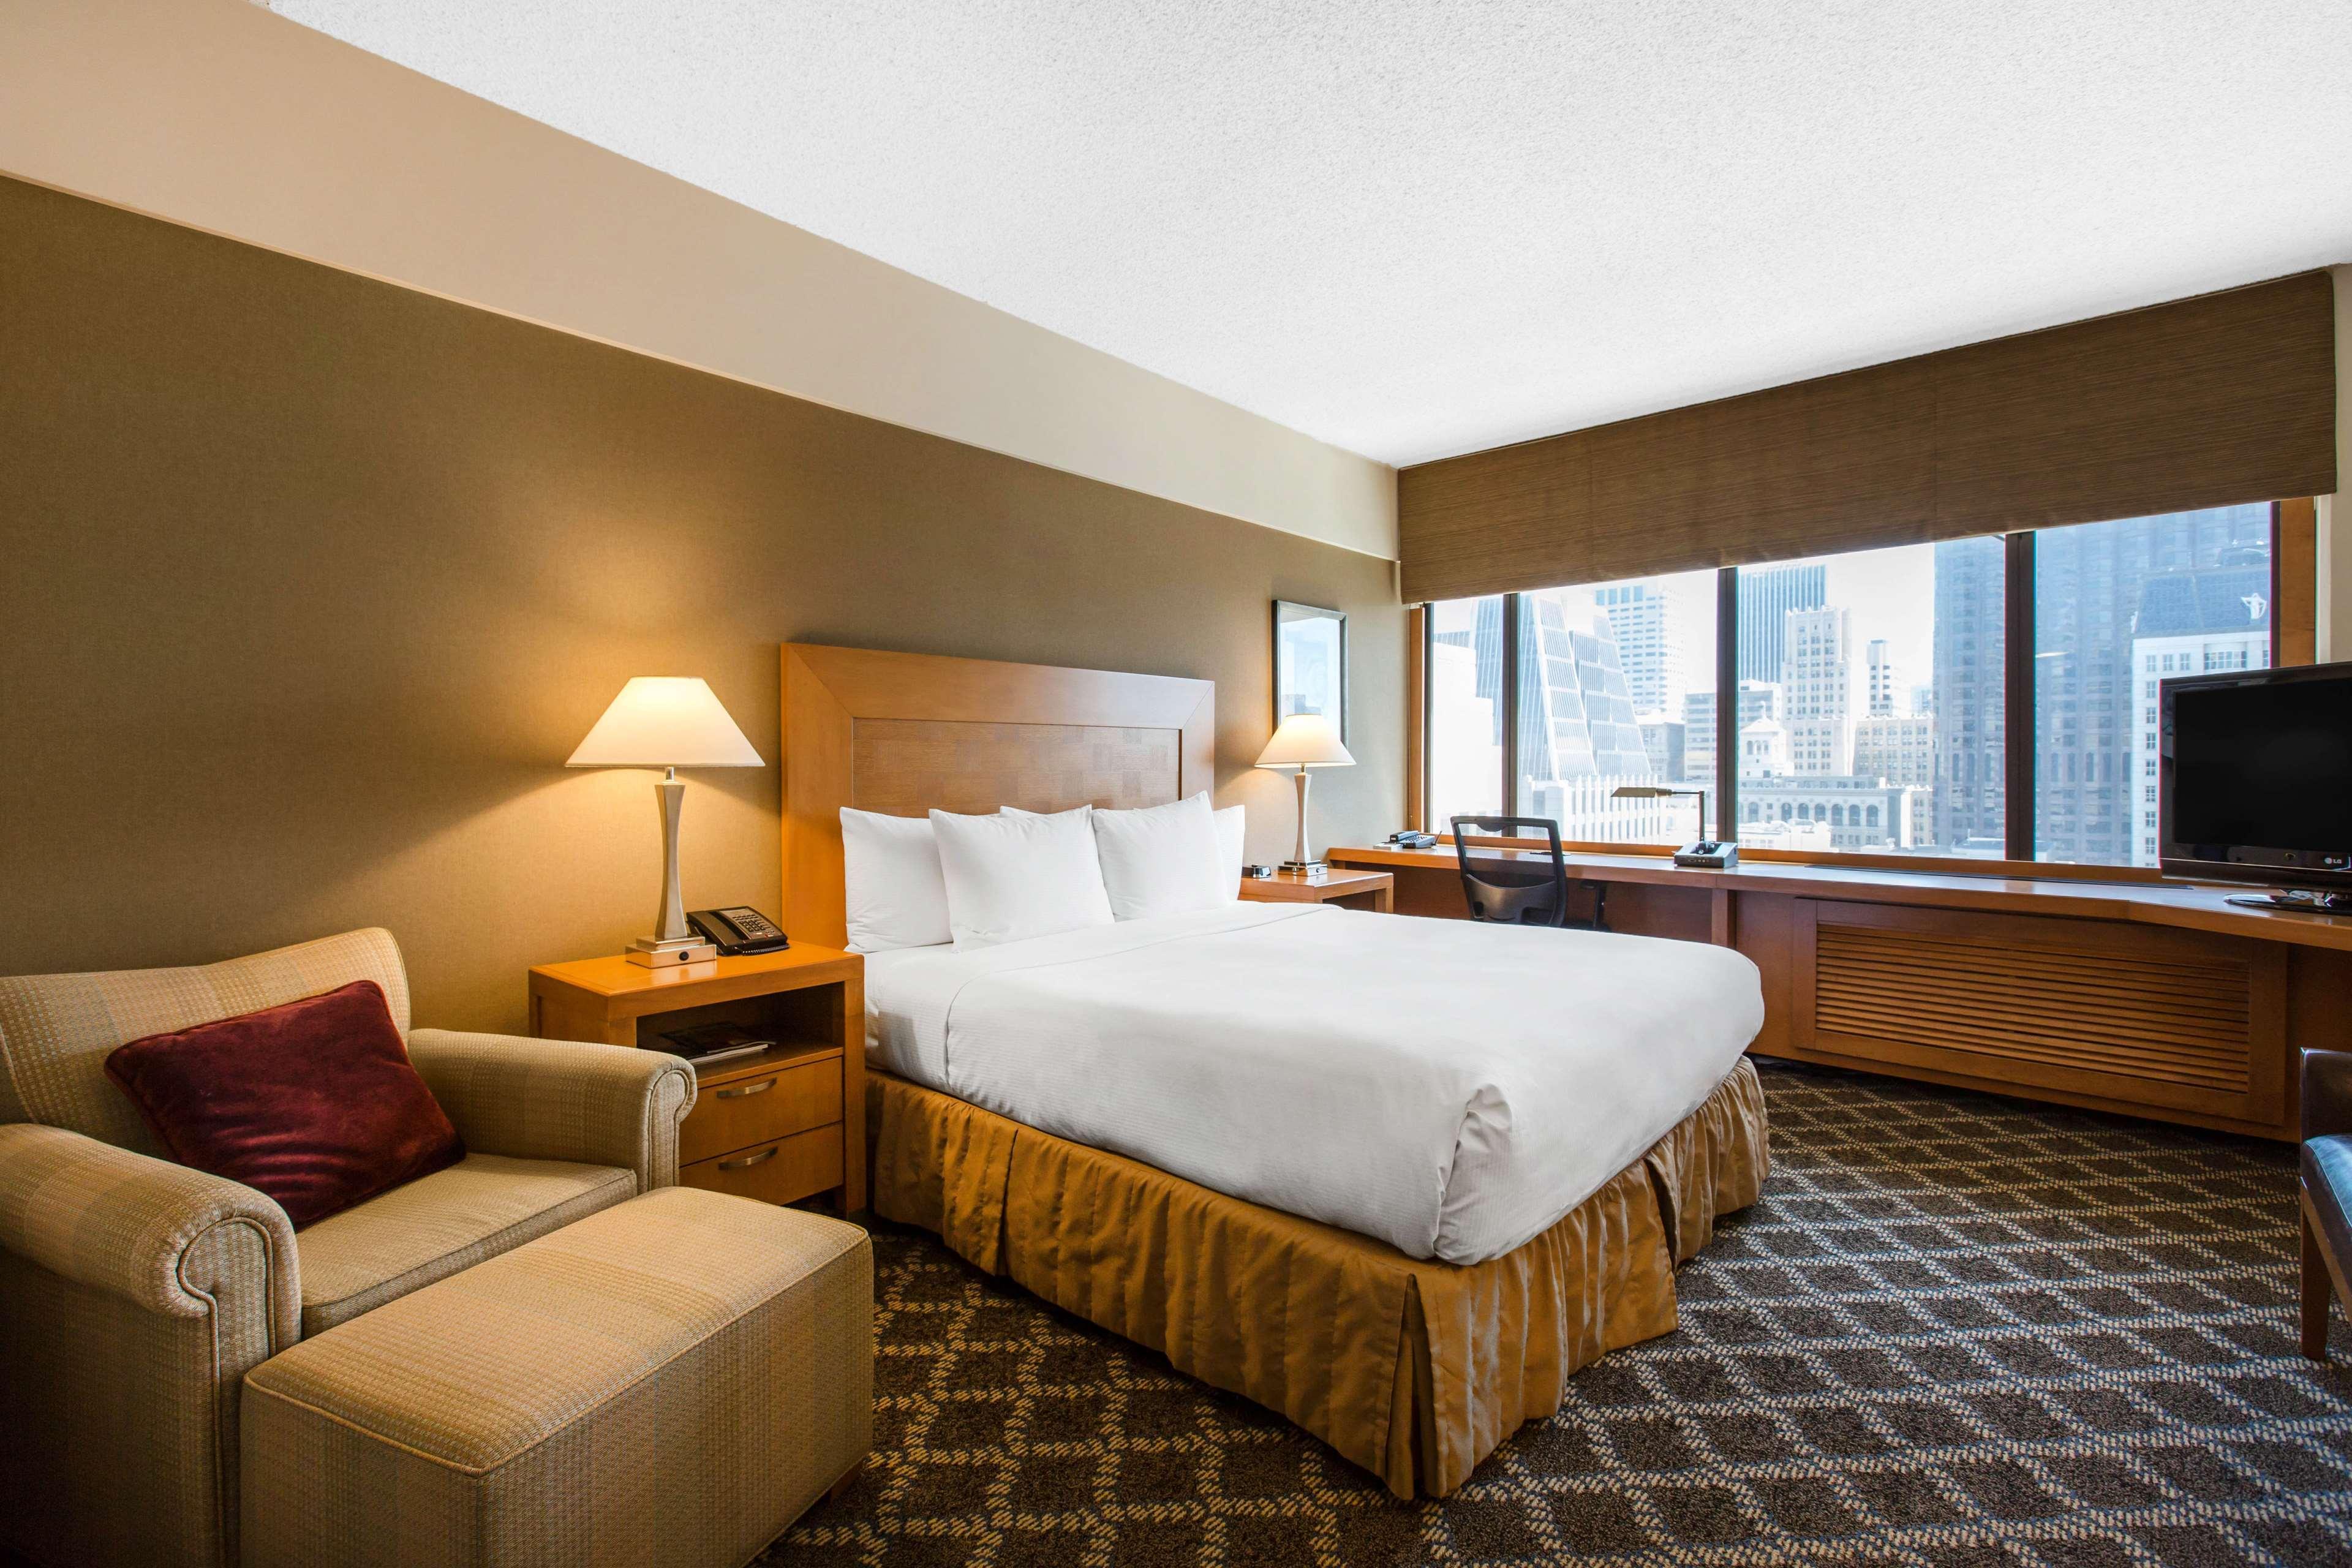 Hilton San Francisco Financial District image 41